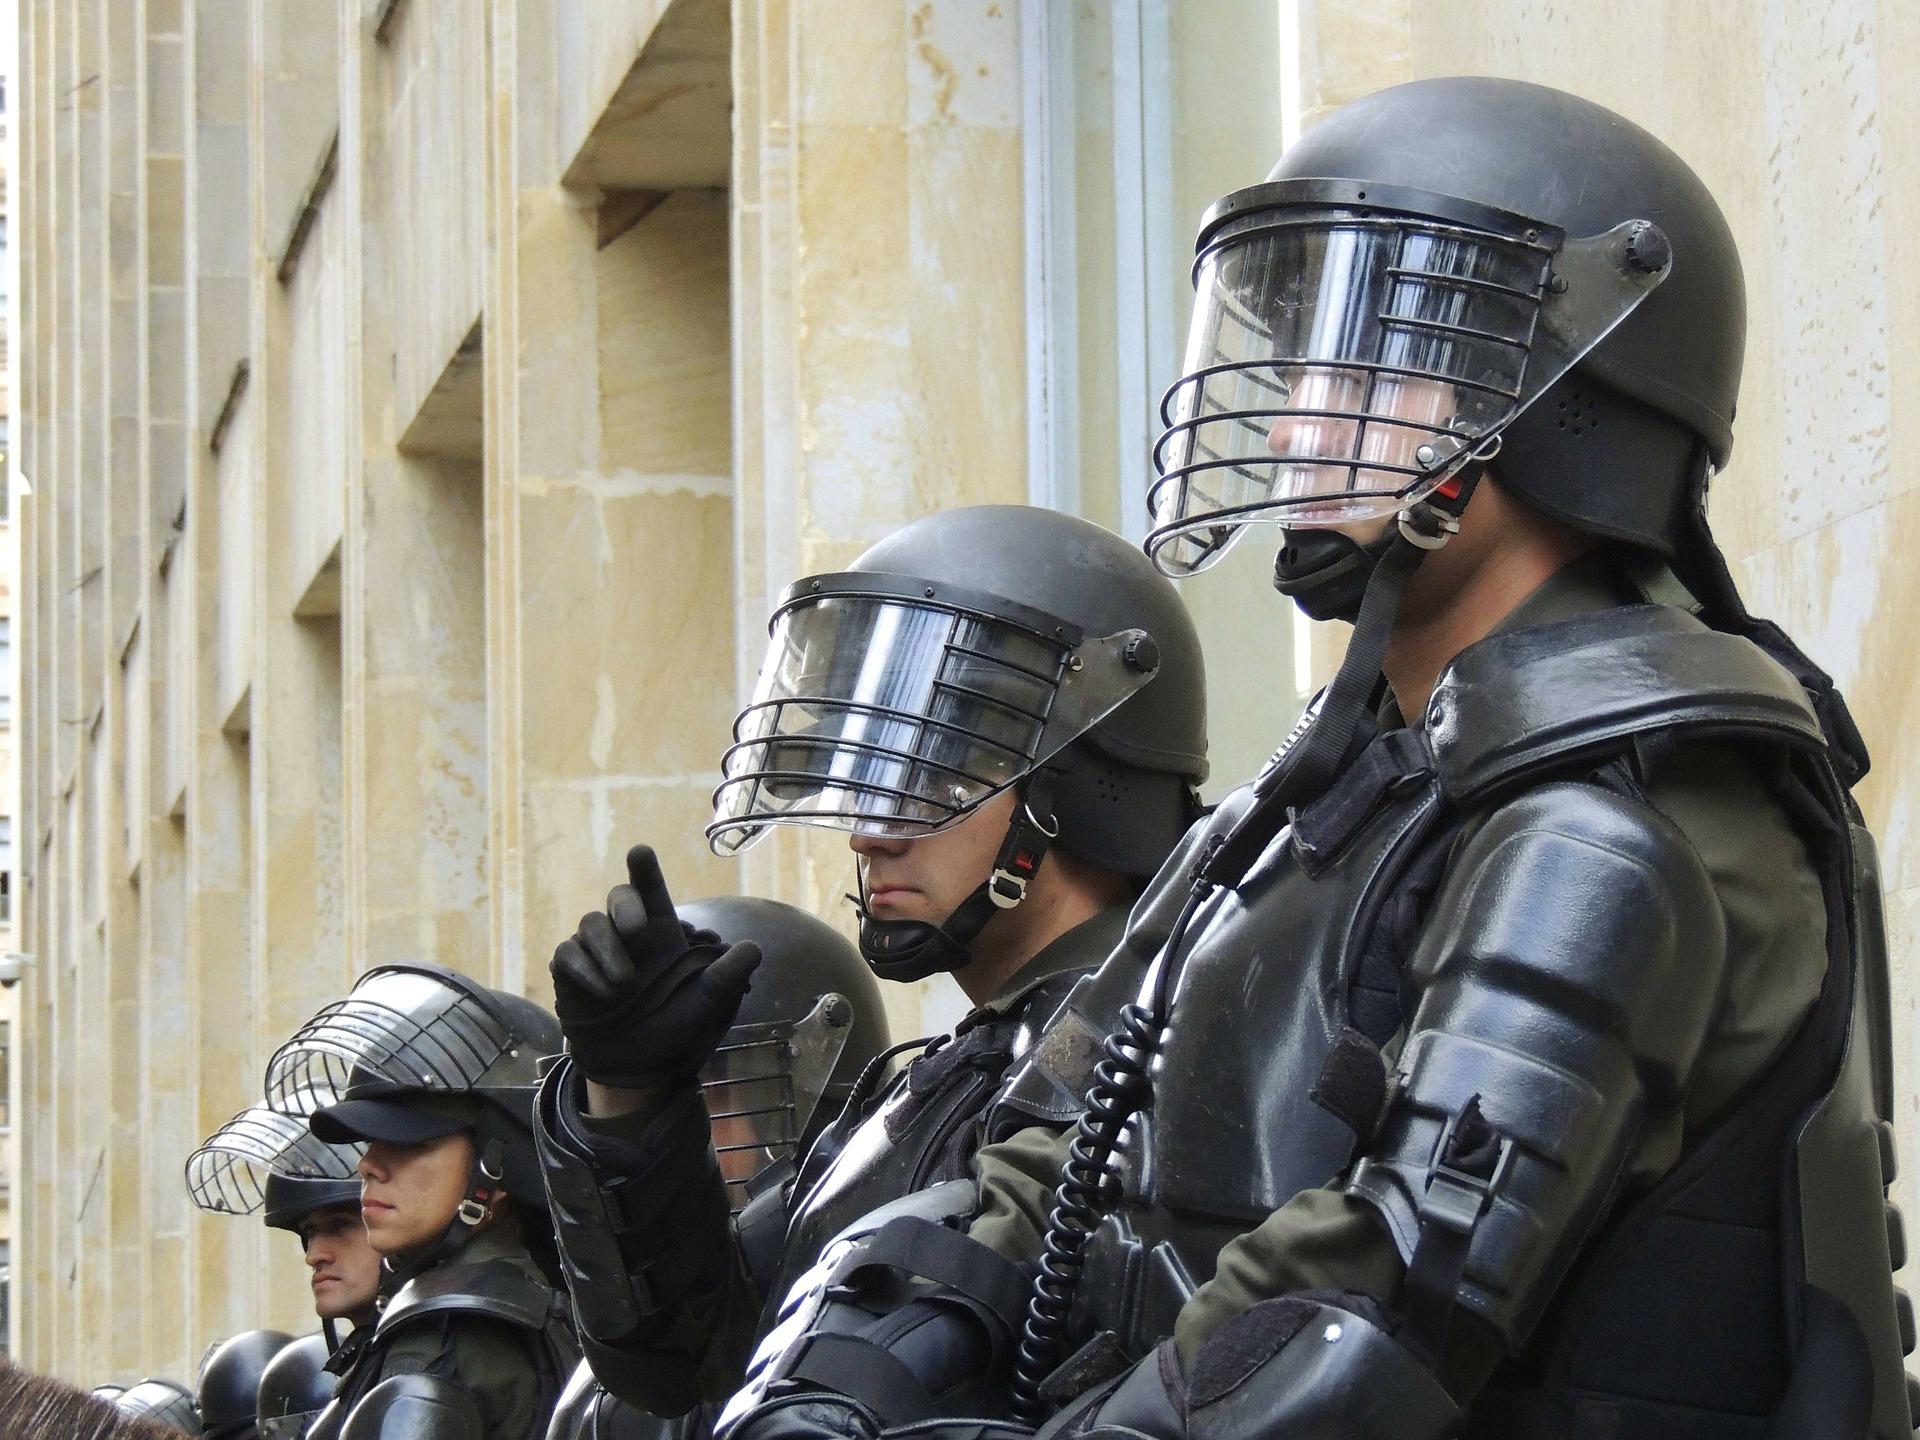 police-275875_1920